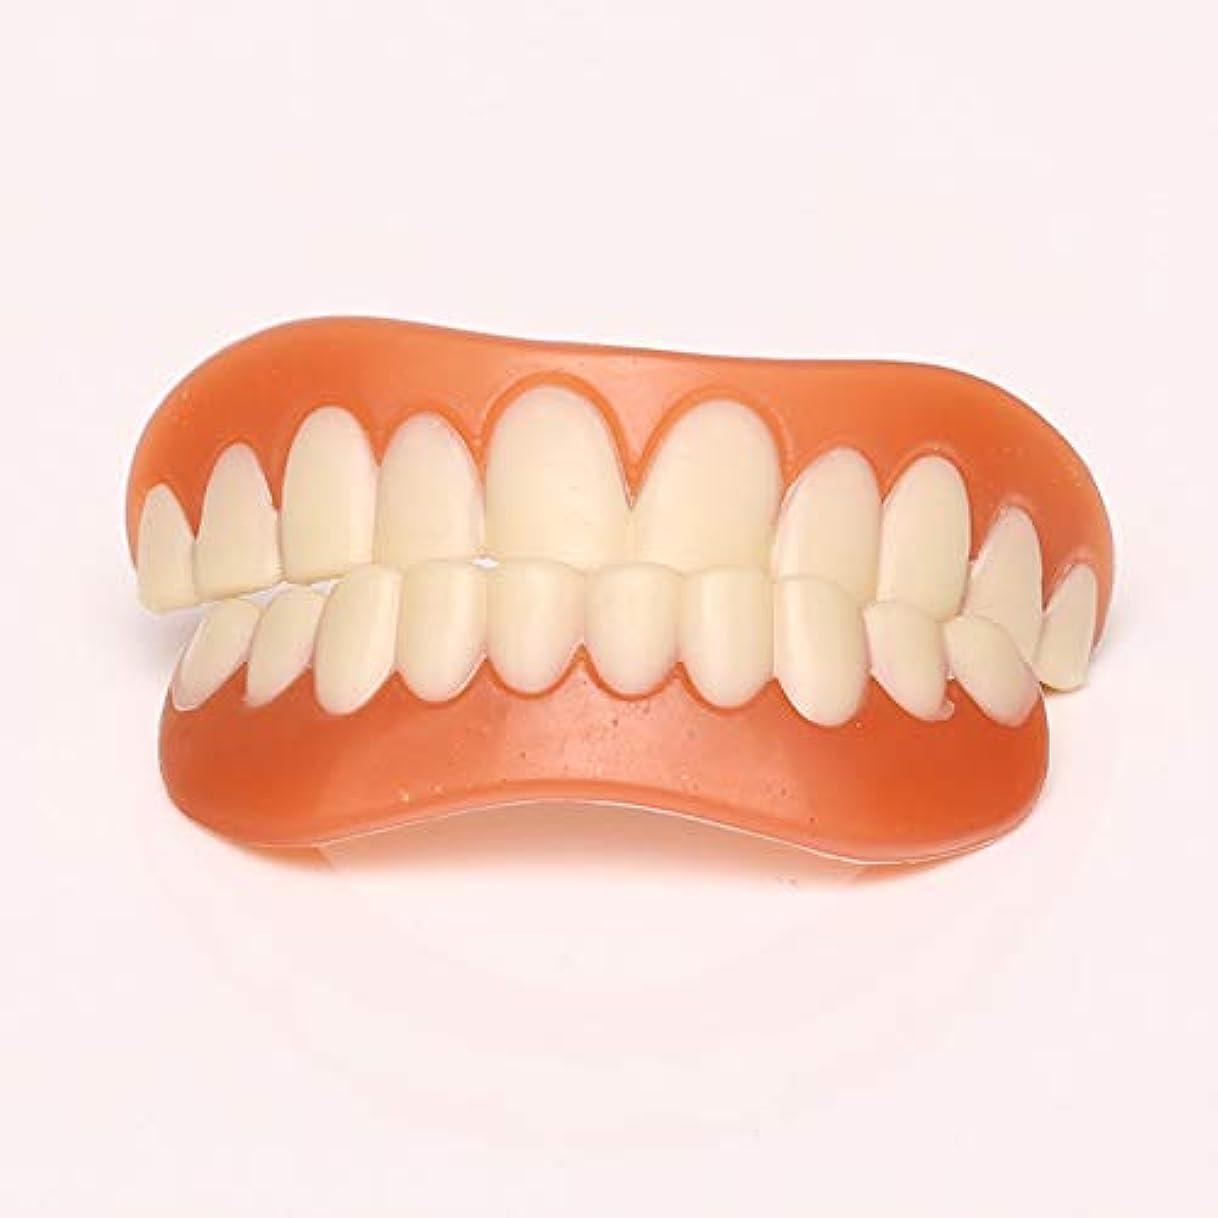 石鹸請求モード化粧品の歯、白い歯をきれいにするための快適なフィットフレックス歯ソケット、化粧品の歯義歯の歯のトップ化粧品、5セット